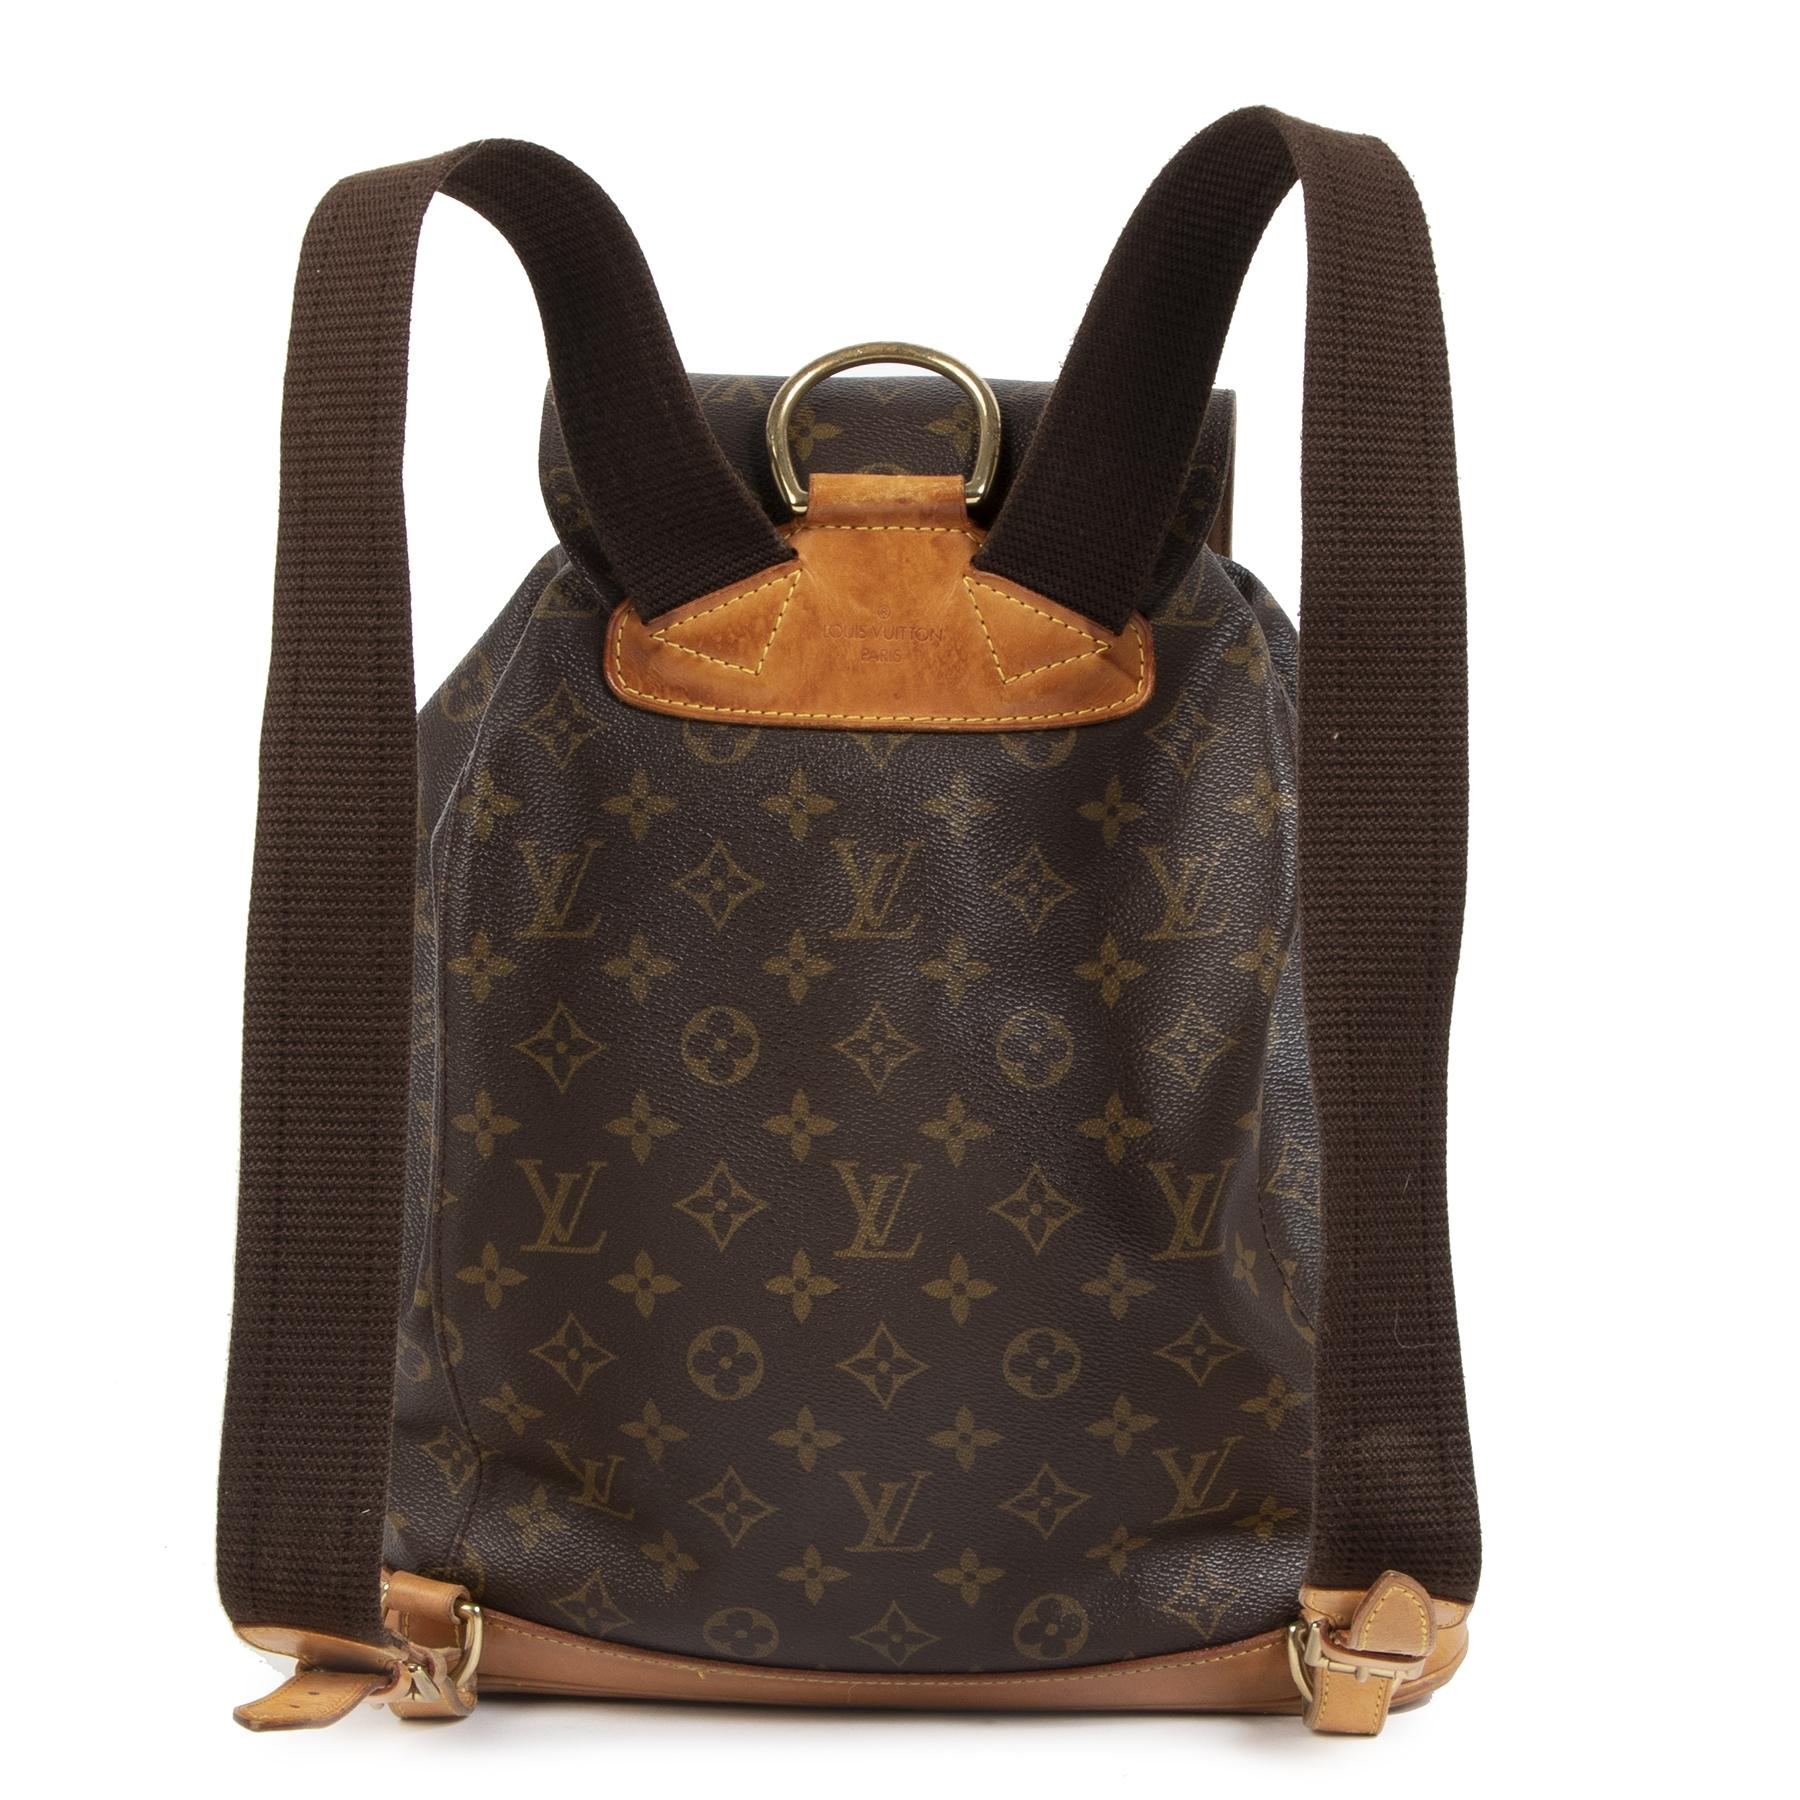 Authentieke Tweedehands ouis Vuitton Monogram Montsouris GM Backpack juiste prijs veilig online shoppen luxe merken webshop winkelen Antwerpen België mode fashion